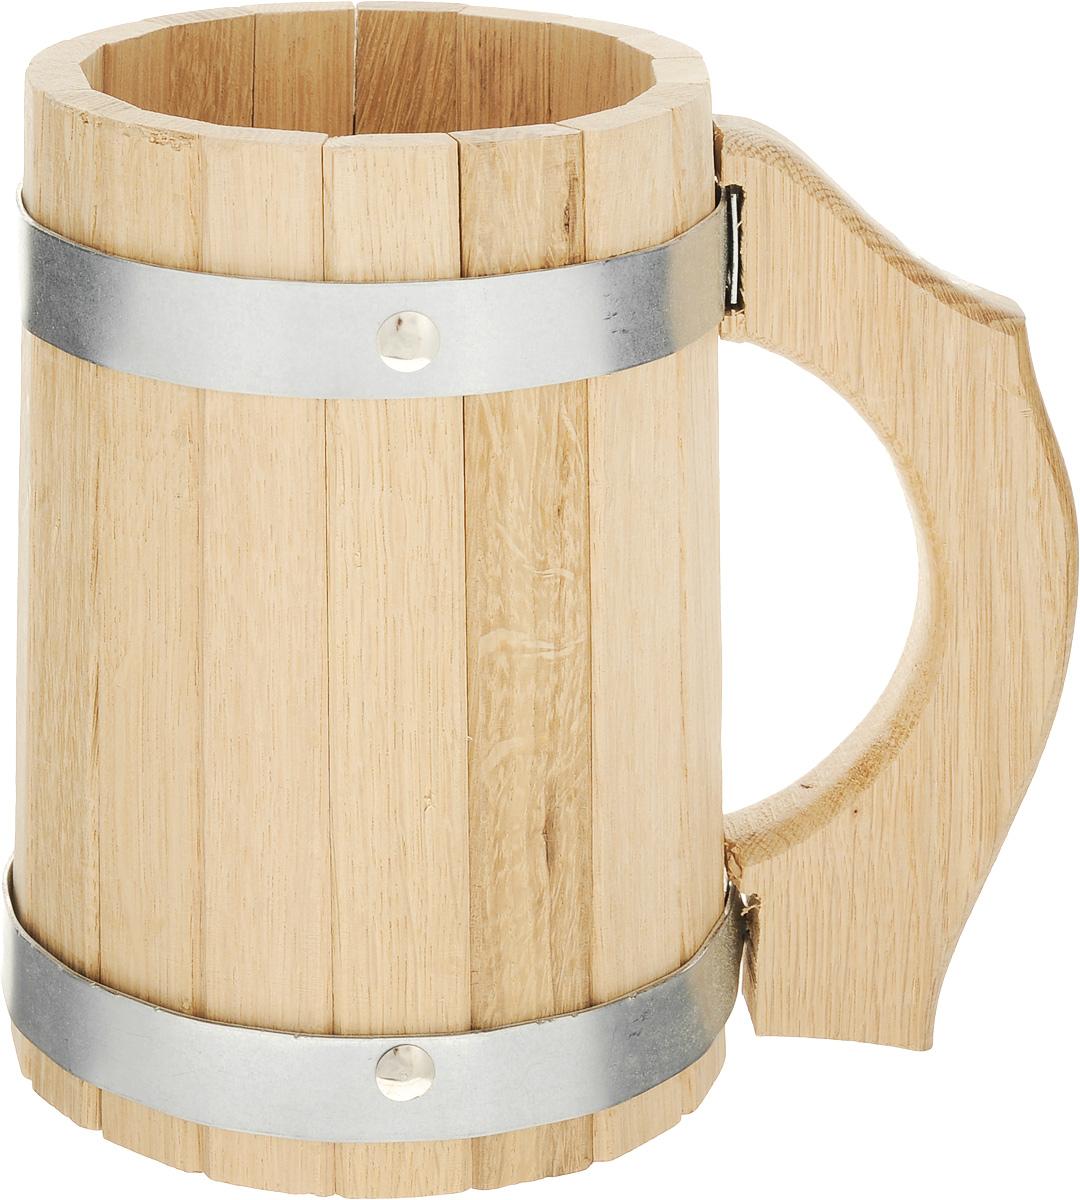 Кружка для бани и сауны Proffi Sauna, 2 л391602Кружка Proffi Sauna выполнена из натурального дуба с двумя металлическими обручами и резной ручкой. Она просто незаменима для подачи напитков, приготовления отваров из трав и ароматических масел, также подходит для декора или в качестве сувенира.Эксплуатация бондарных изделий.Перед первым использованием бондарное изделие рекомендуется подготовить. Для этого нужно наполнить изделие холодной водой и оставить наполненным на 2-3 часа. Затем необходимо воду слить, обдать изделие сначала горячей, потом холодной водой.Не рекомендуется оставлять бондарные изделия около нагревательных приборов, а также под длительным воздействием прямых солнечных лучей.С момента начала использования бондарного изделия не рекомендуется оставлять его без воды на срок более 1 недели. Но и продолжительное время хранить в таких изделиях воду тоже не следует.После каждого использования необходимо вымыть и ошпарить изделие кипятком. В качестве моющих средств желательно использовать пищевую соду либо раствор горчичного порошка.Правильное обращение с бондарными изделиями позволит надолго сохранить их эксплуатационные свойства и продлить срок использования! Объем кружки: 2 л. Диаметр по верхнему краю: 12 см. Высота стенки: 19 см. Длина ручки: 17,5 см.